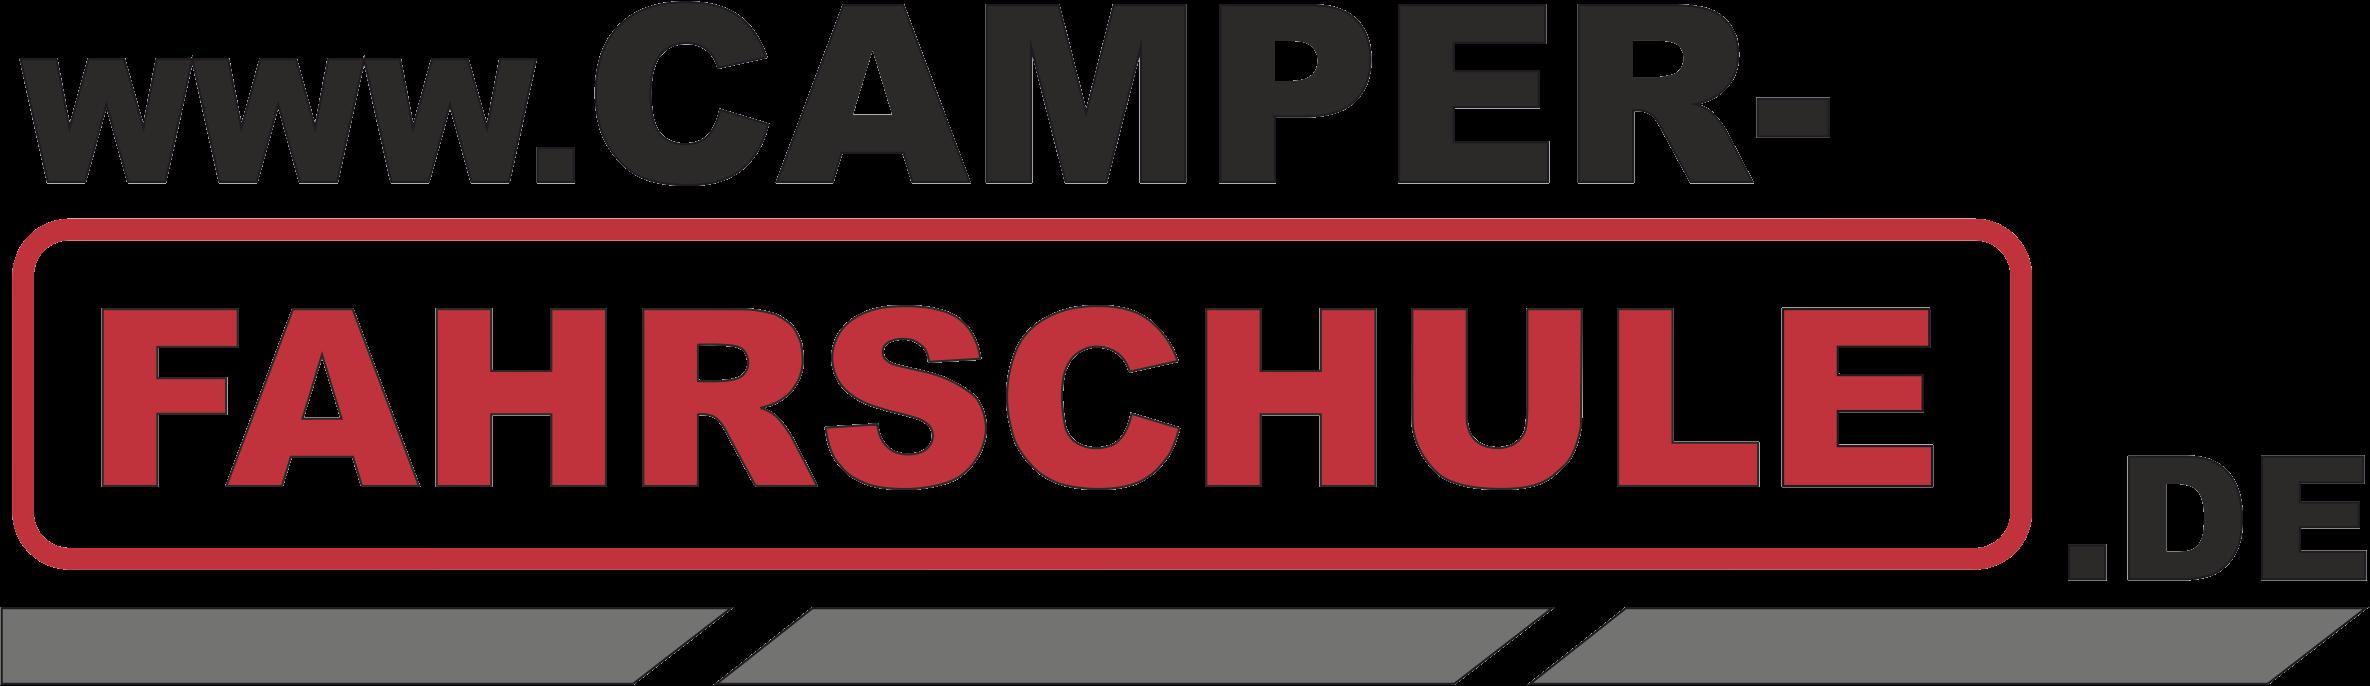 Camper-Fahrschule.de